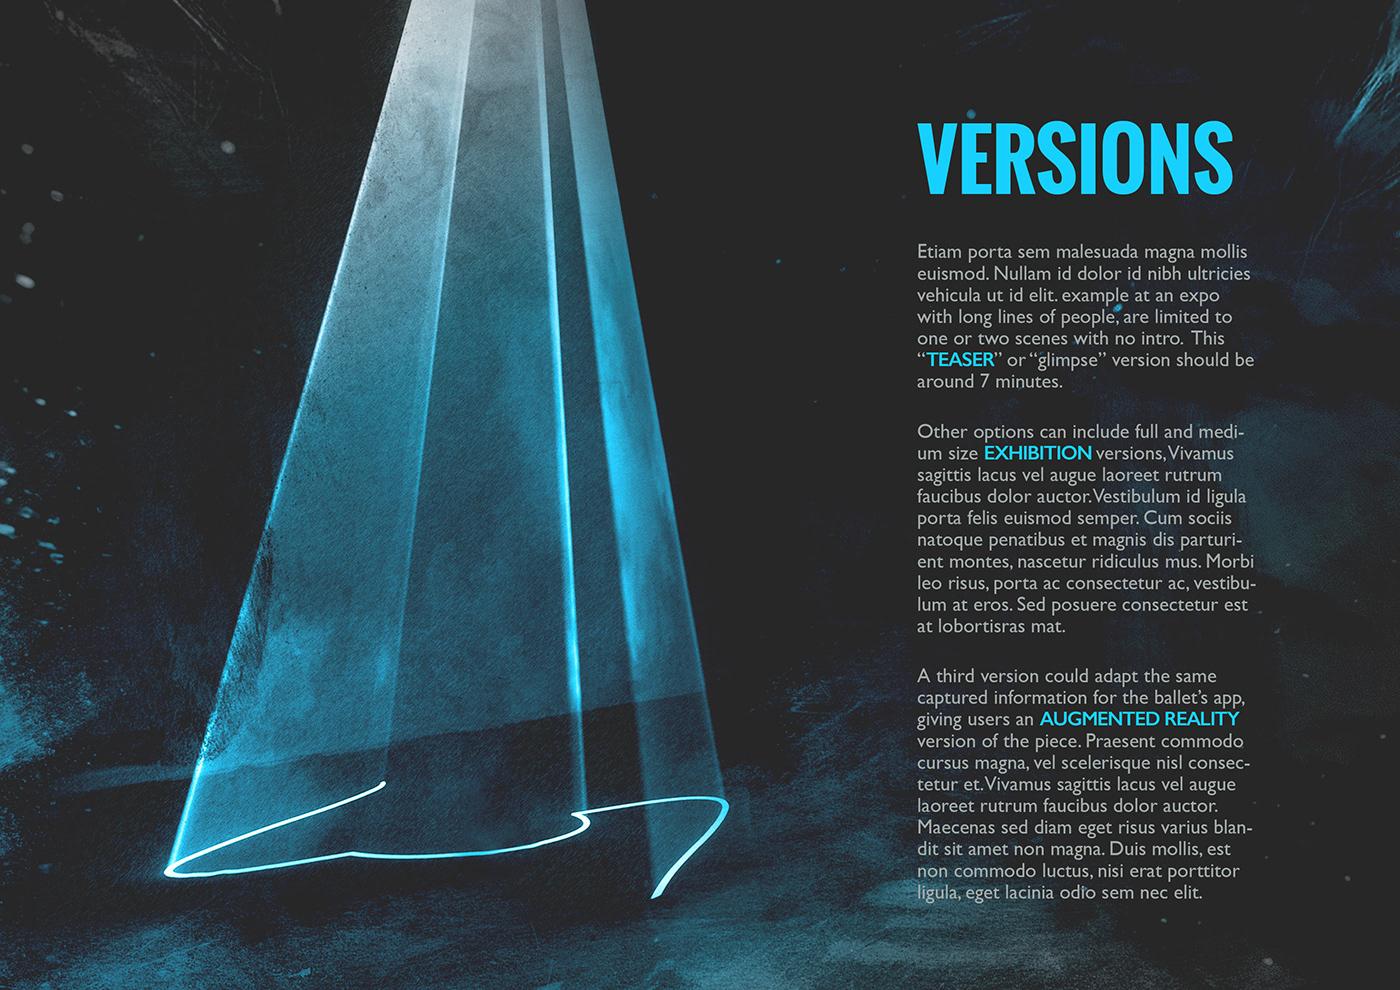 art ballet brochure pitch packet presentation vr